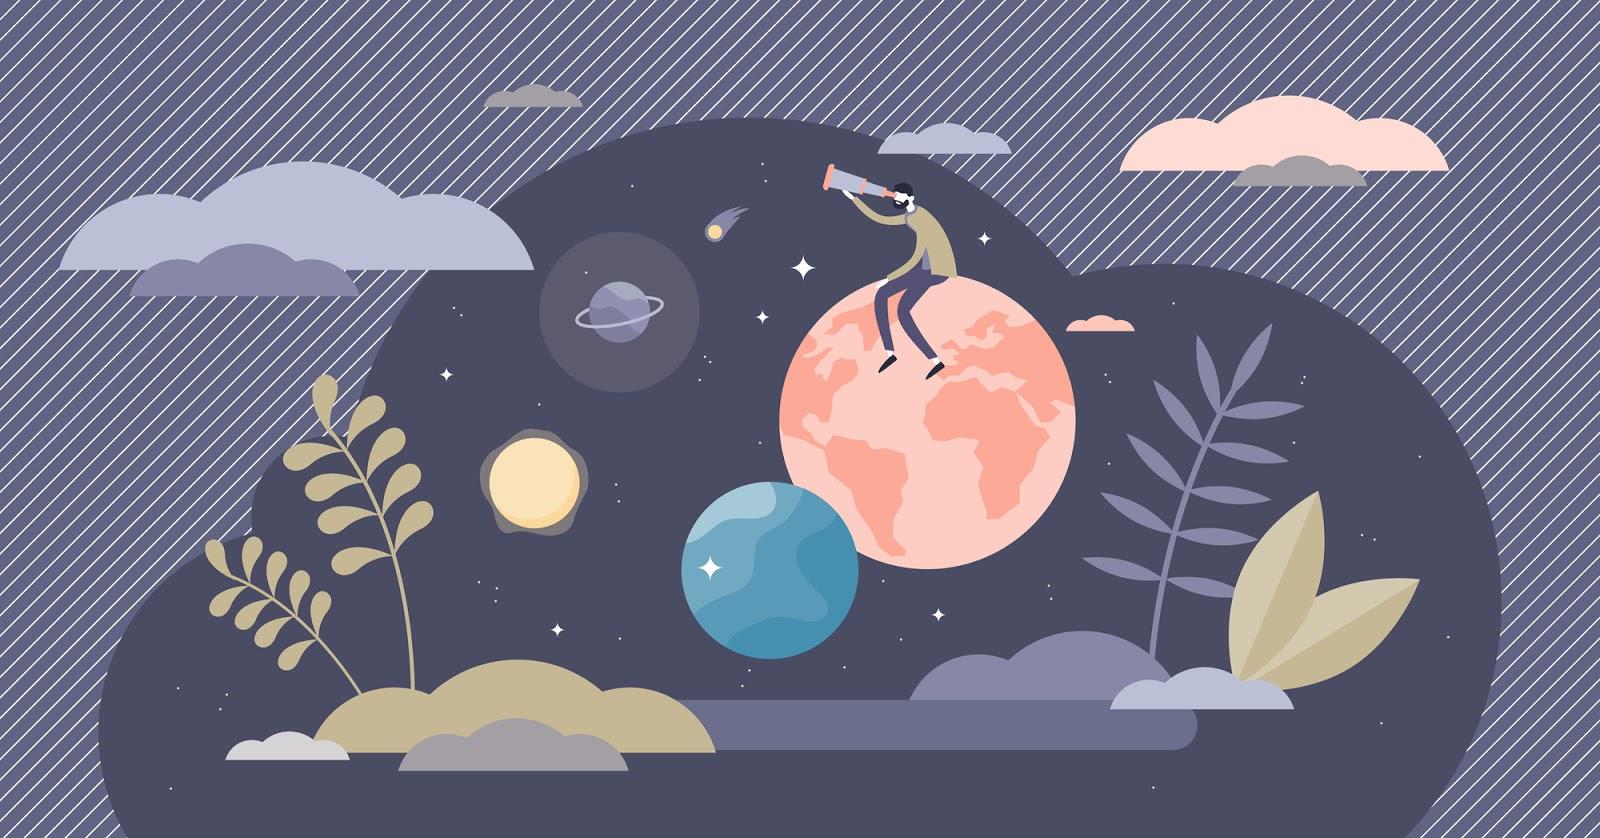 إليك ما يبدو عليه مستقبل النظام البيئي للأجرام السماوية